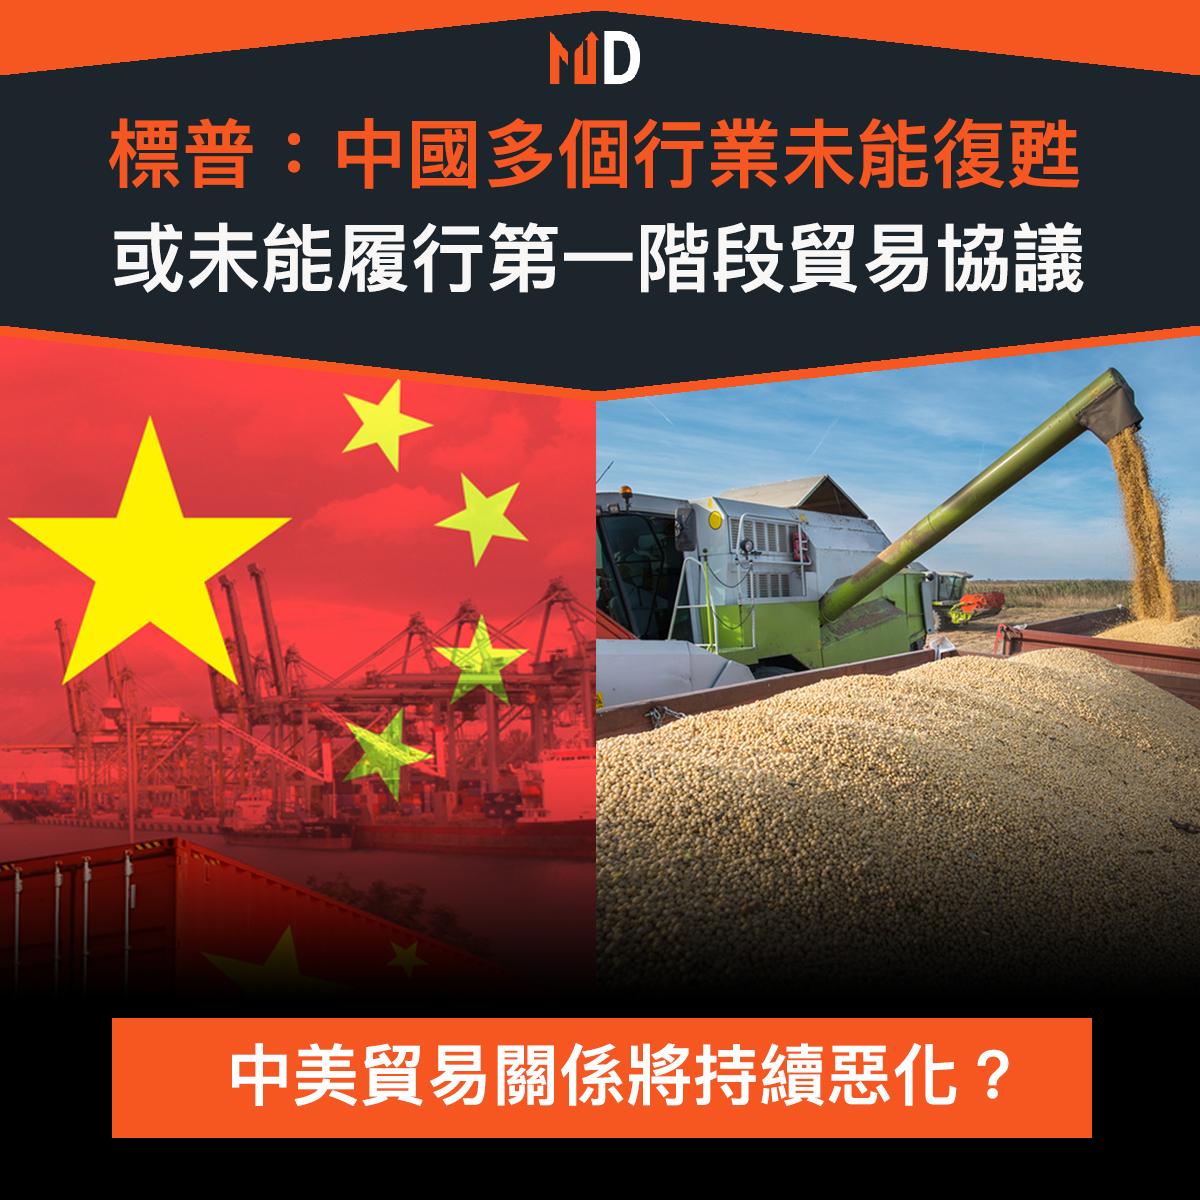 【#市場熱話】標普:中國或未能履行第一階段貿易協議